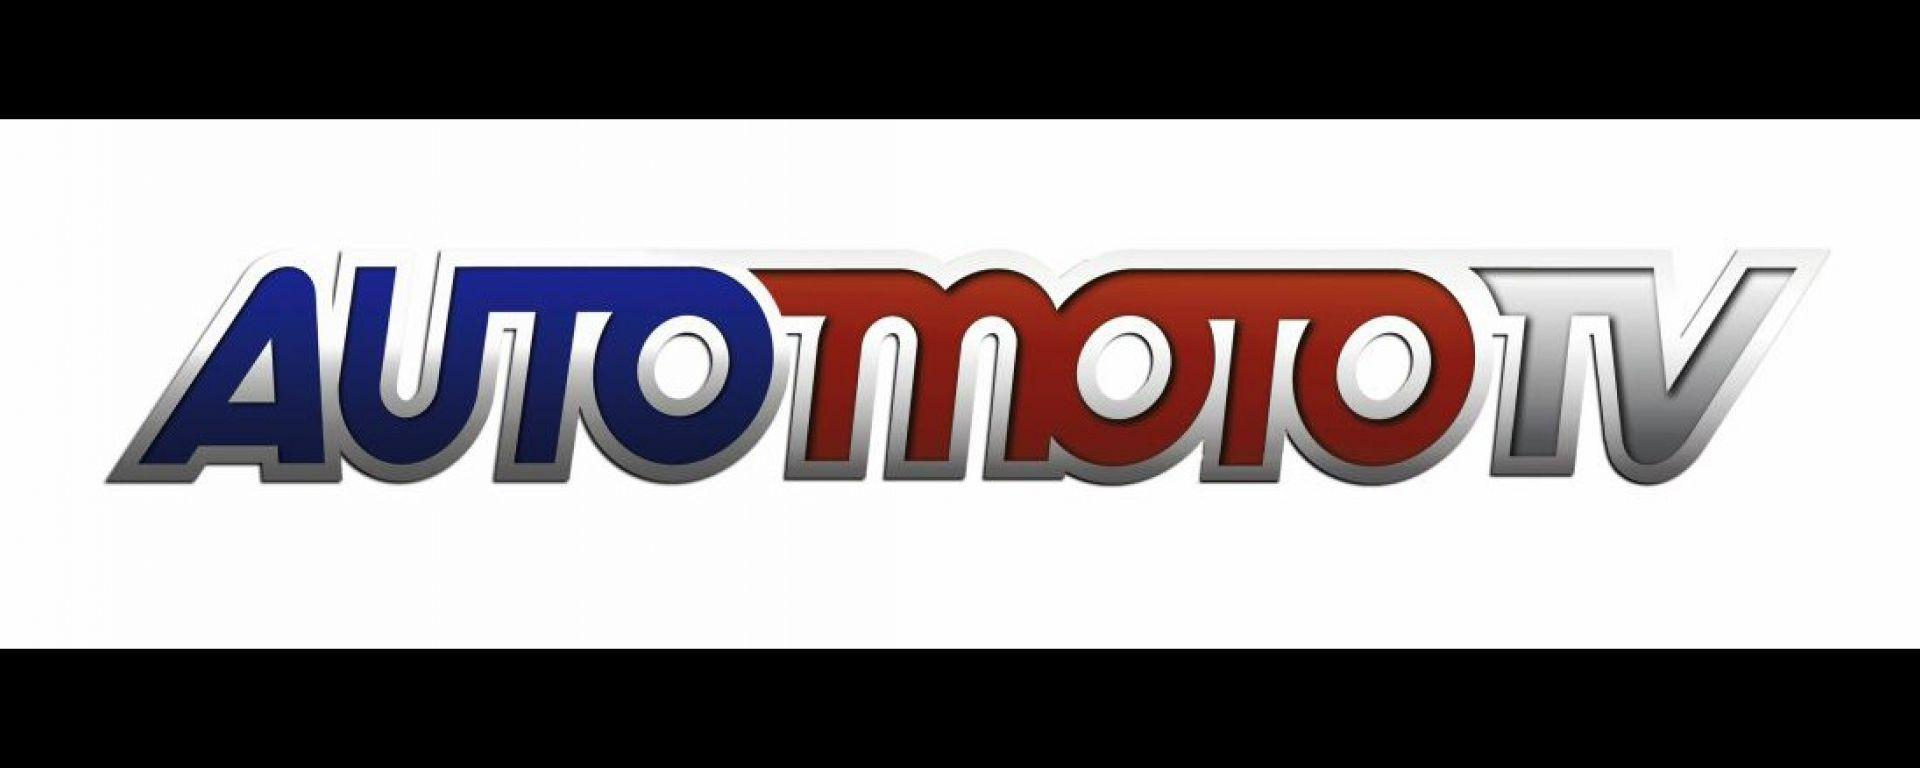 Automoto Tv è la nuova televisione dei motori